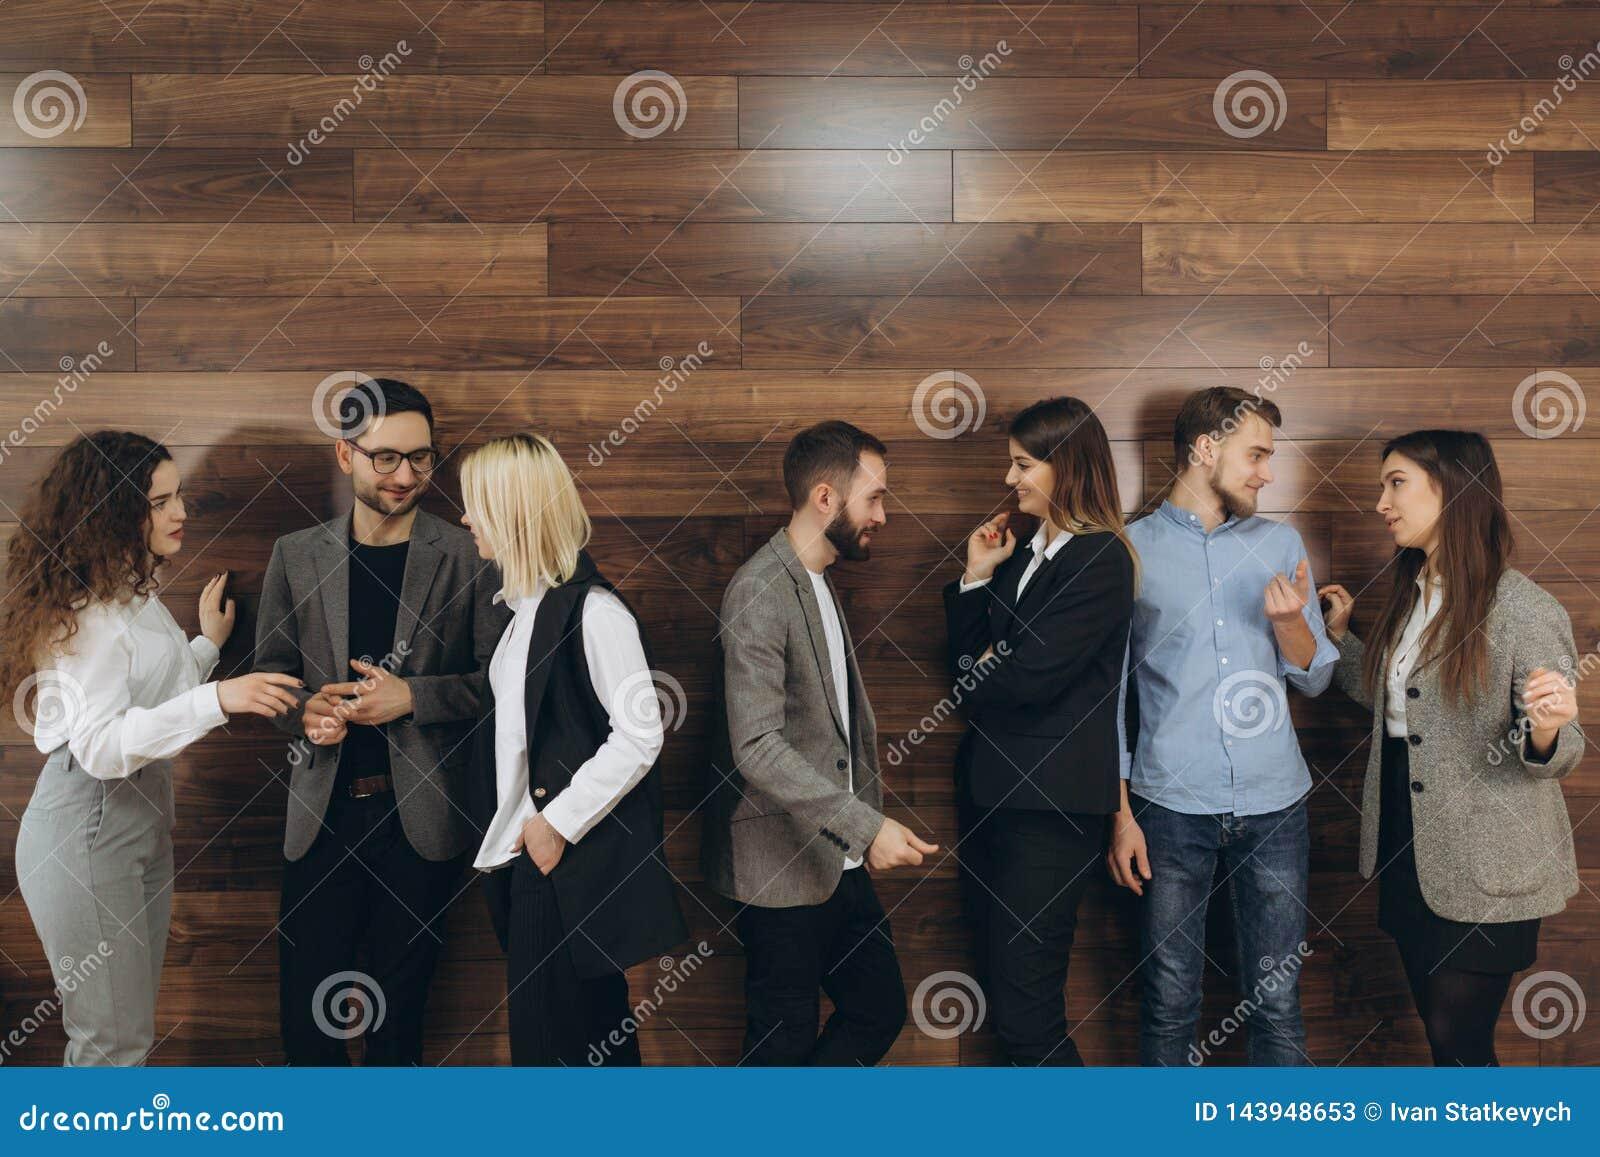 Οι επιτυχείς νέοι επιχειρηματίες μιλούν και χαμογελούν κατά τη διάρκεια του διαλείμματος στην αρχή